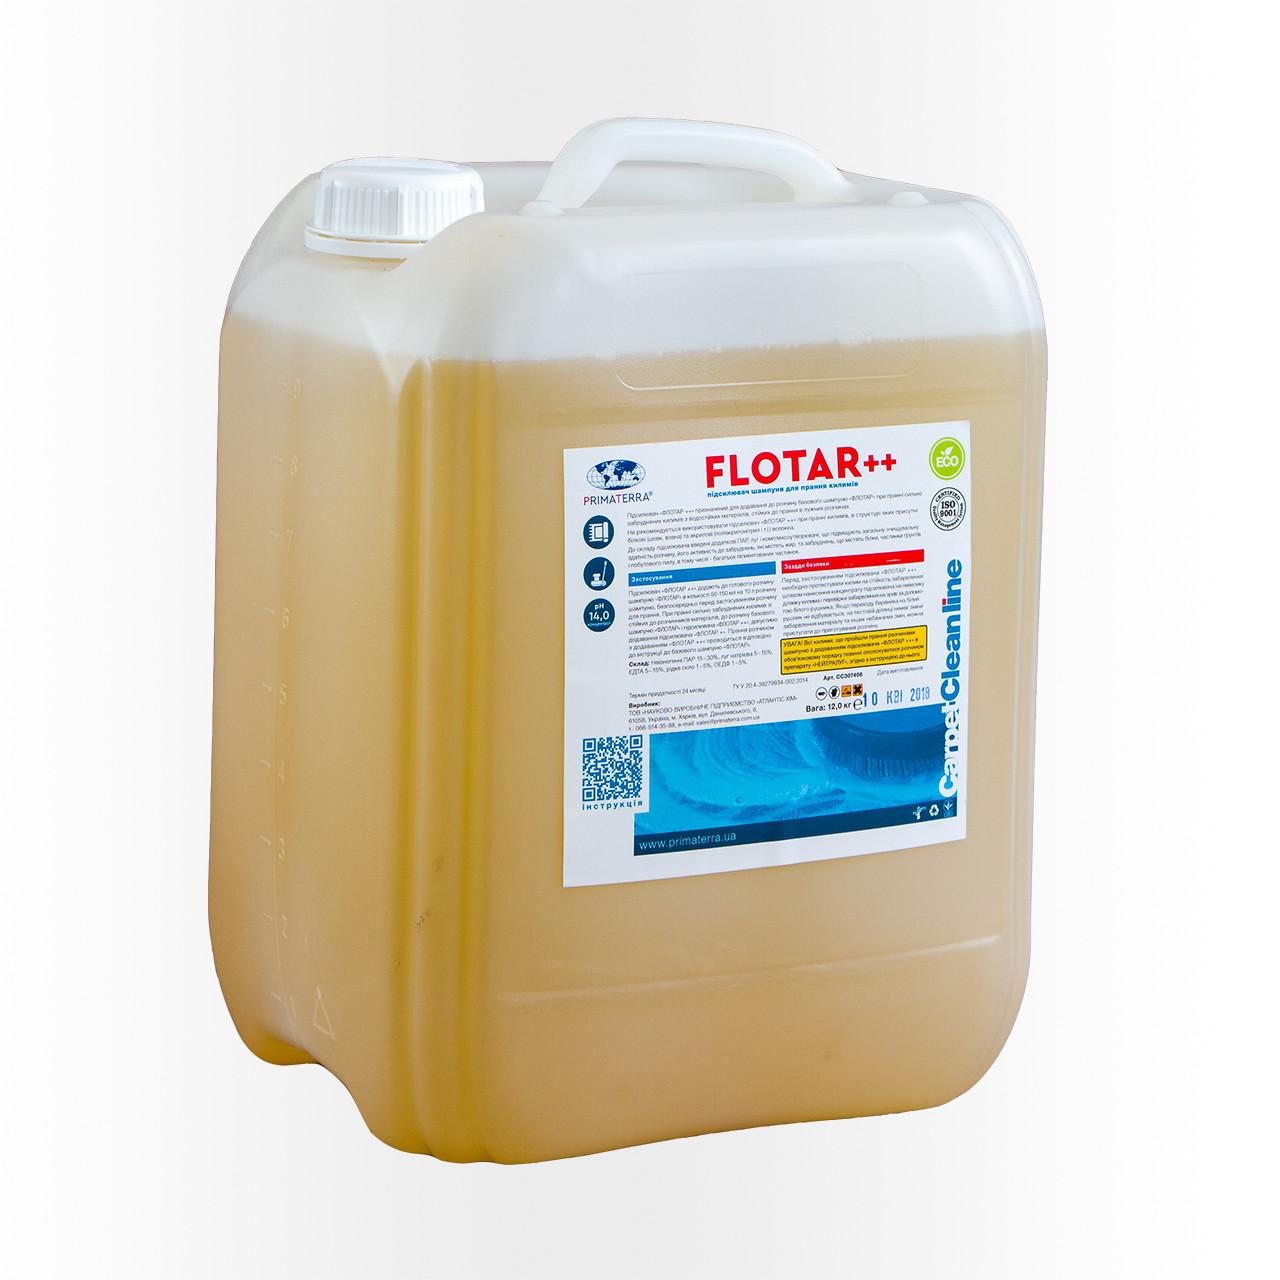 Для прання килимів - Flotar++ жорсткий підсилювач (12 кг)